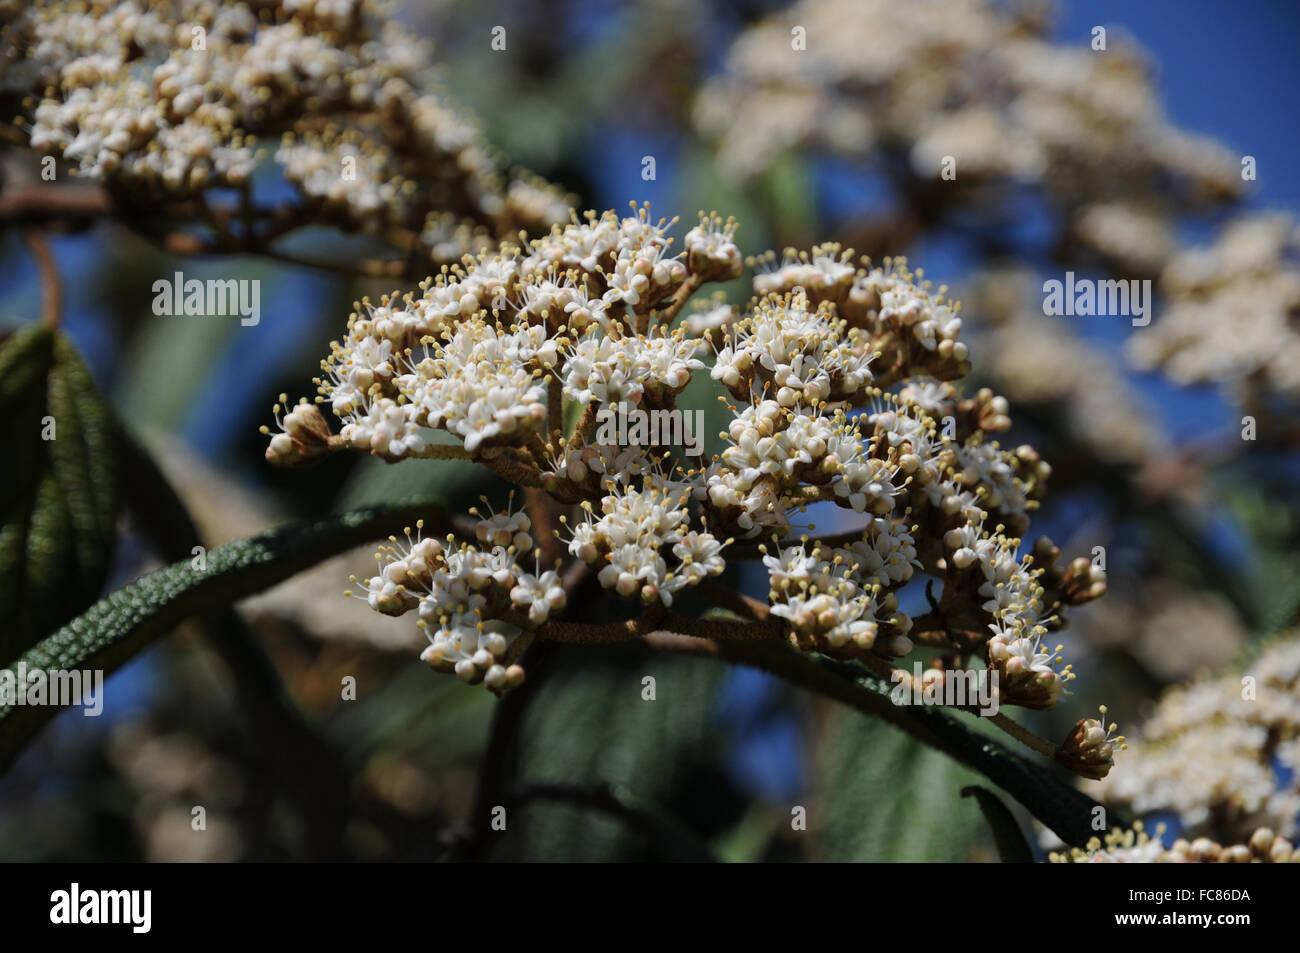 Leatherleaf viburnum - Stock Image